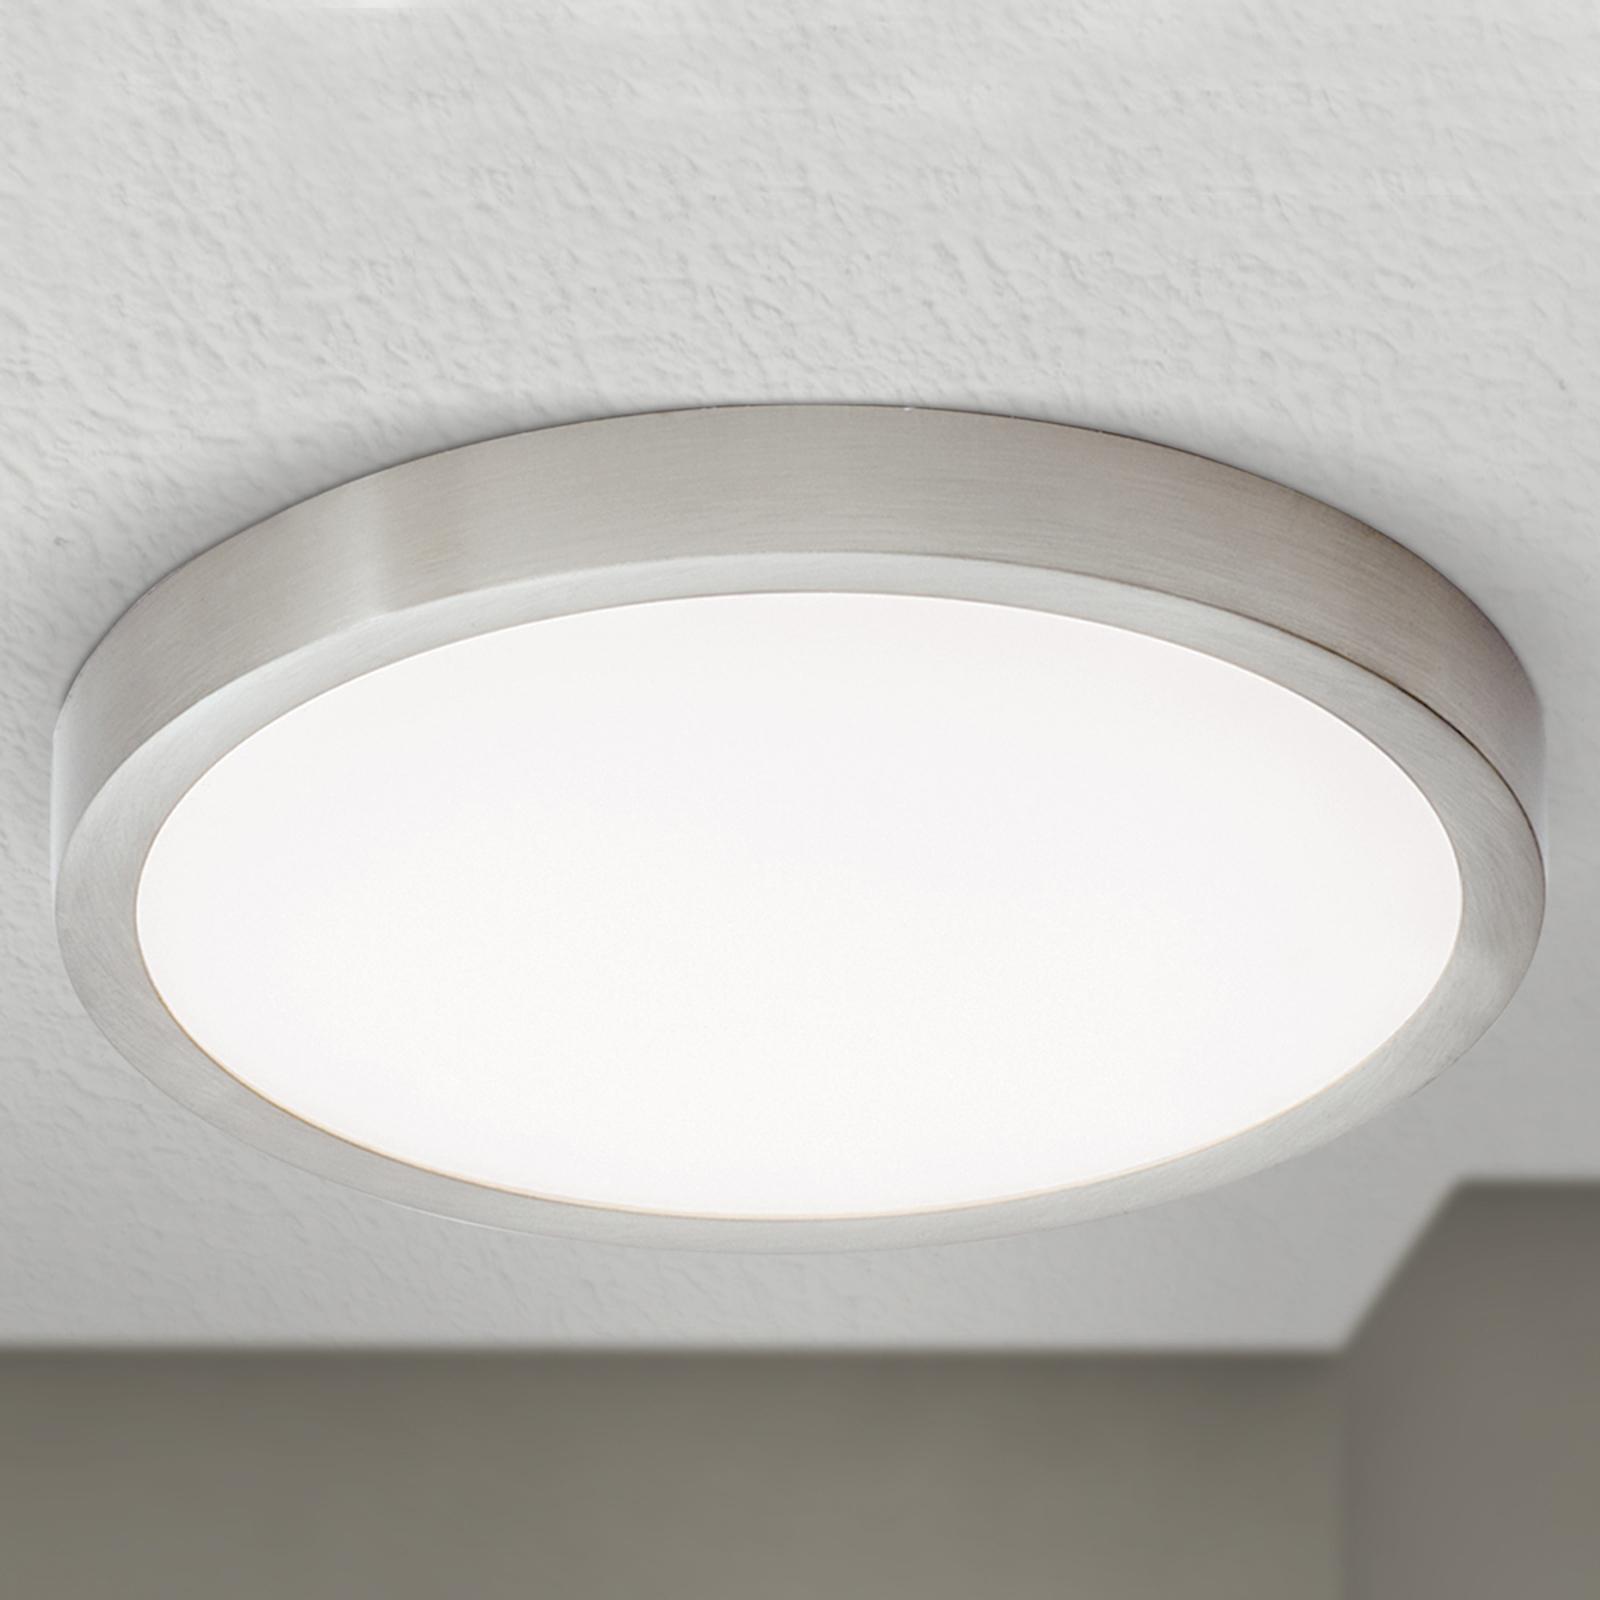 LED-kattovalaisin Vika, pyöreä, mattatitaani Ø23cm